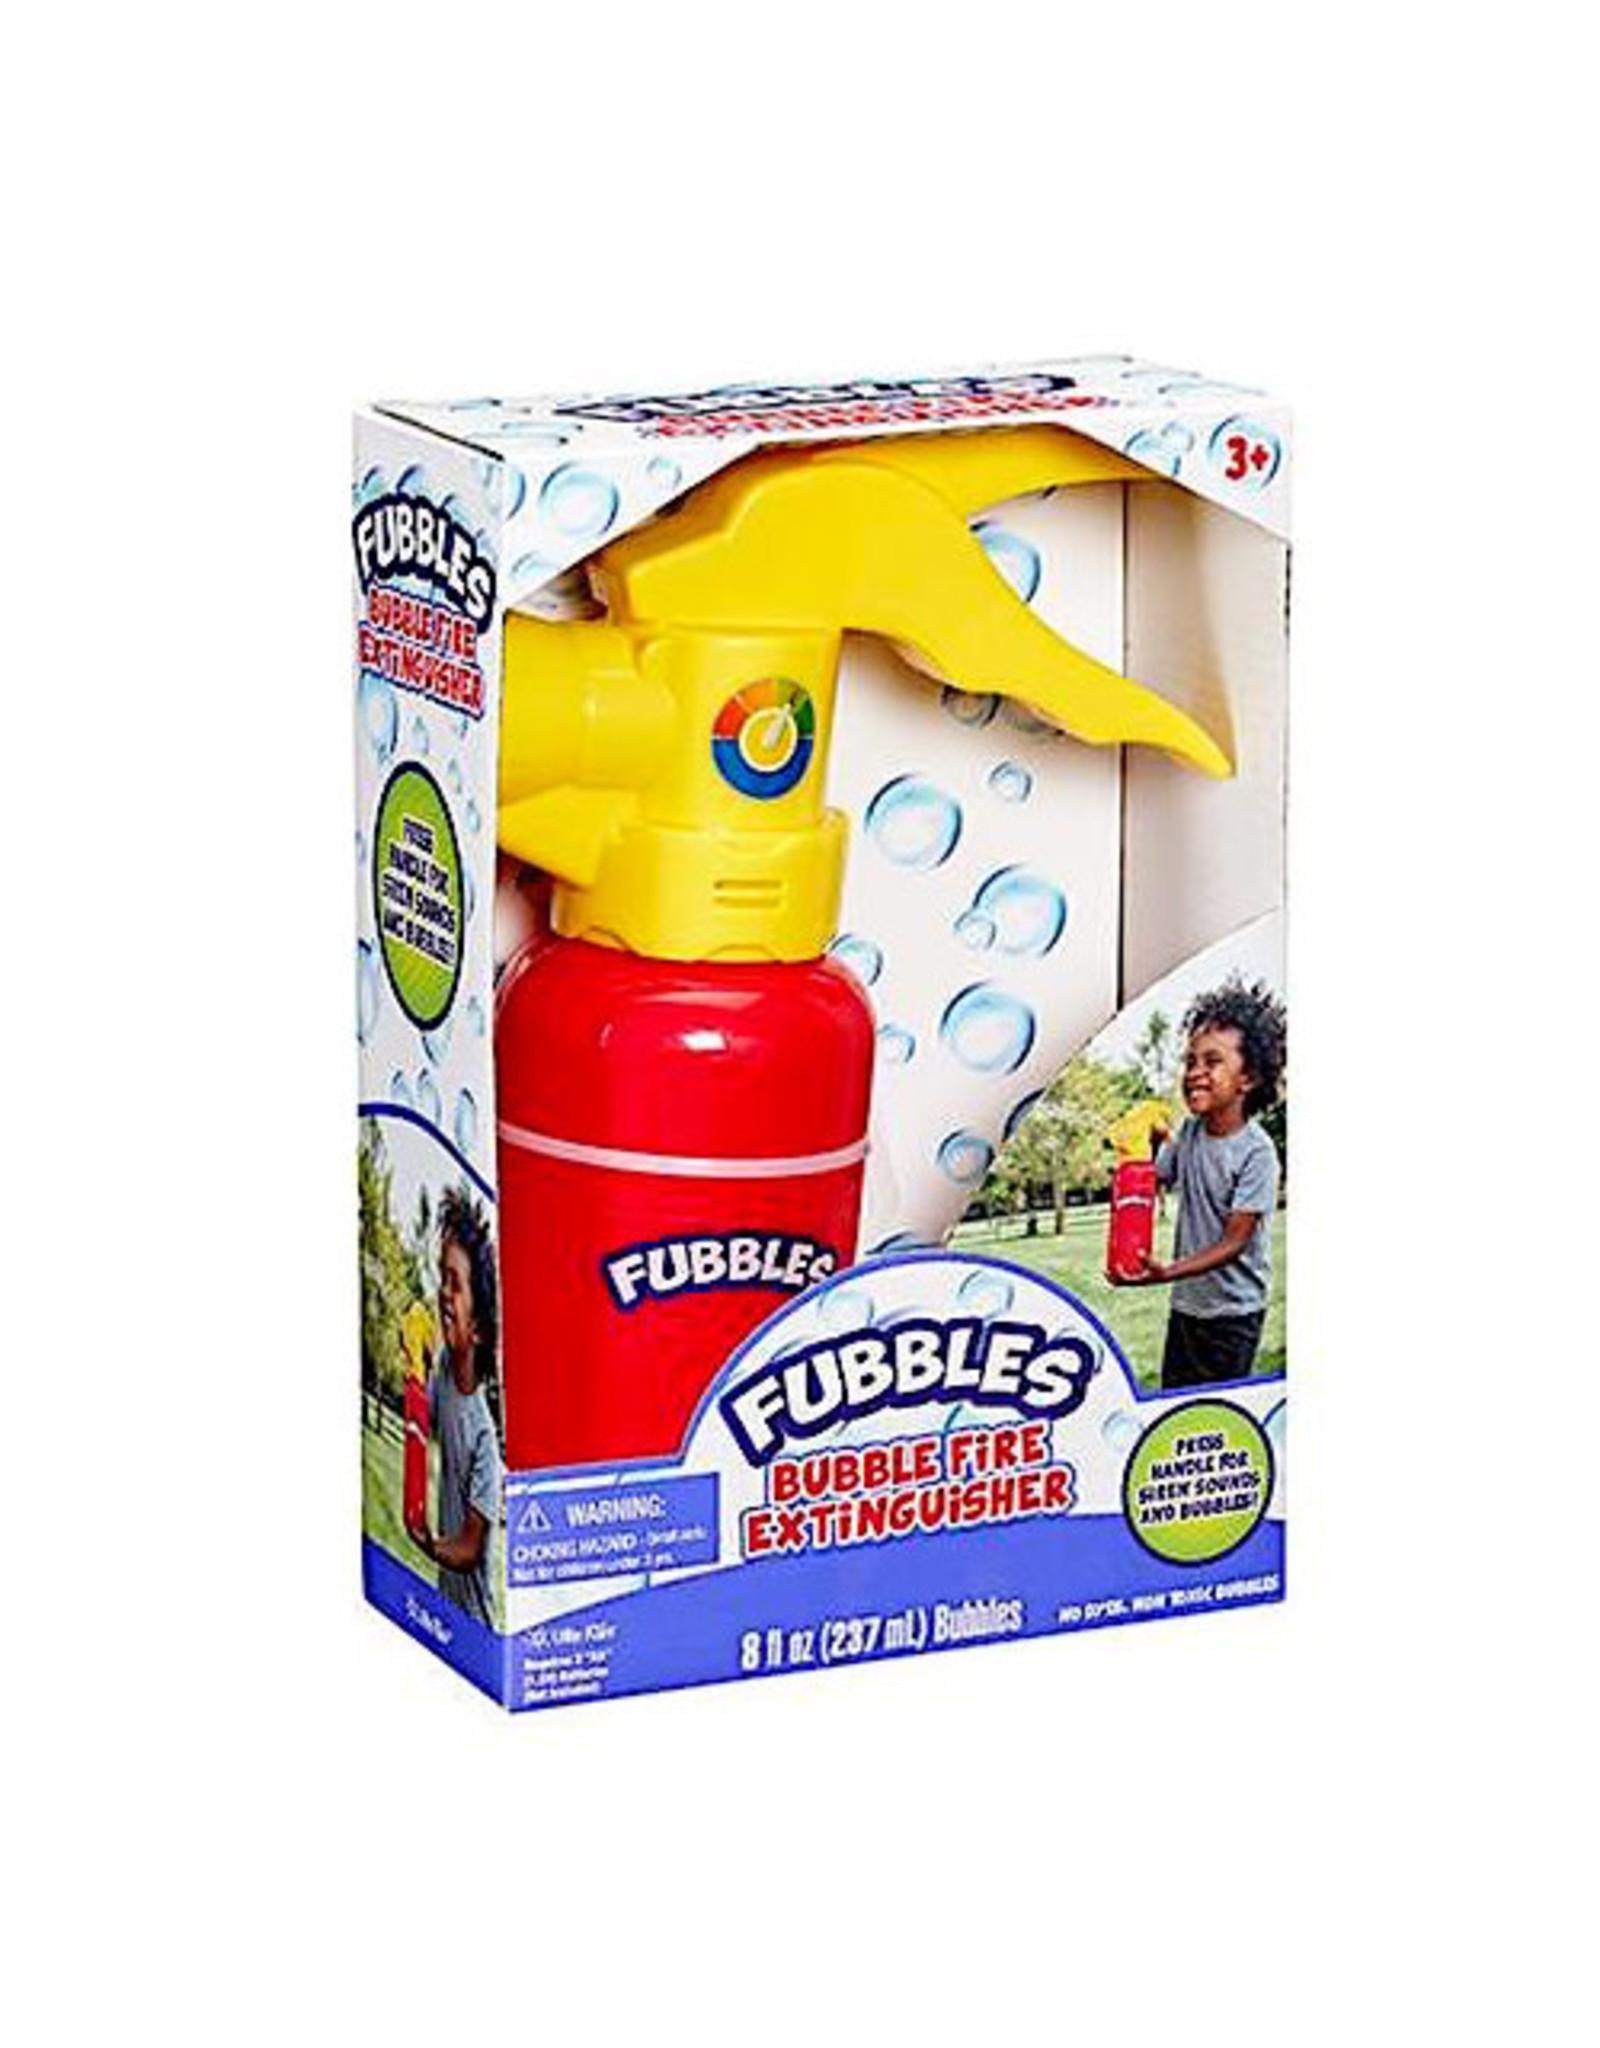 Little Kids Inc. Fubble Bubble Fire Extinguisher